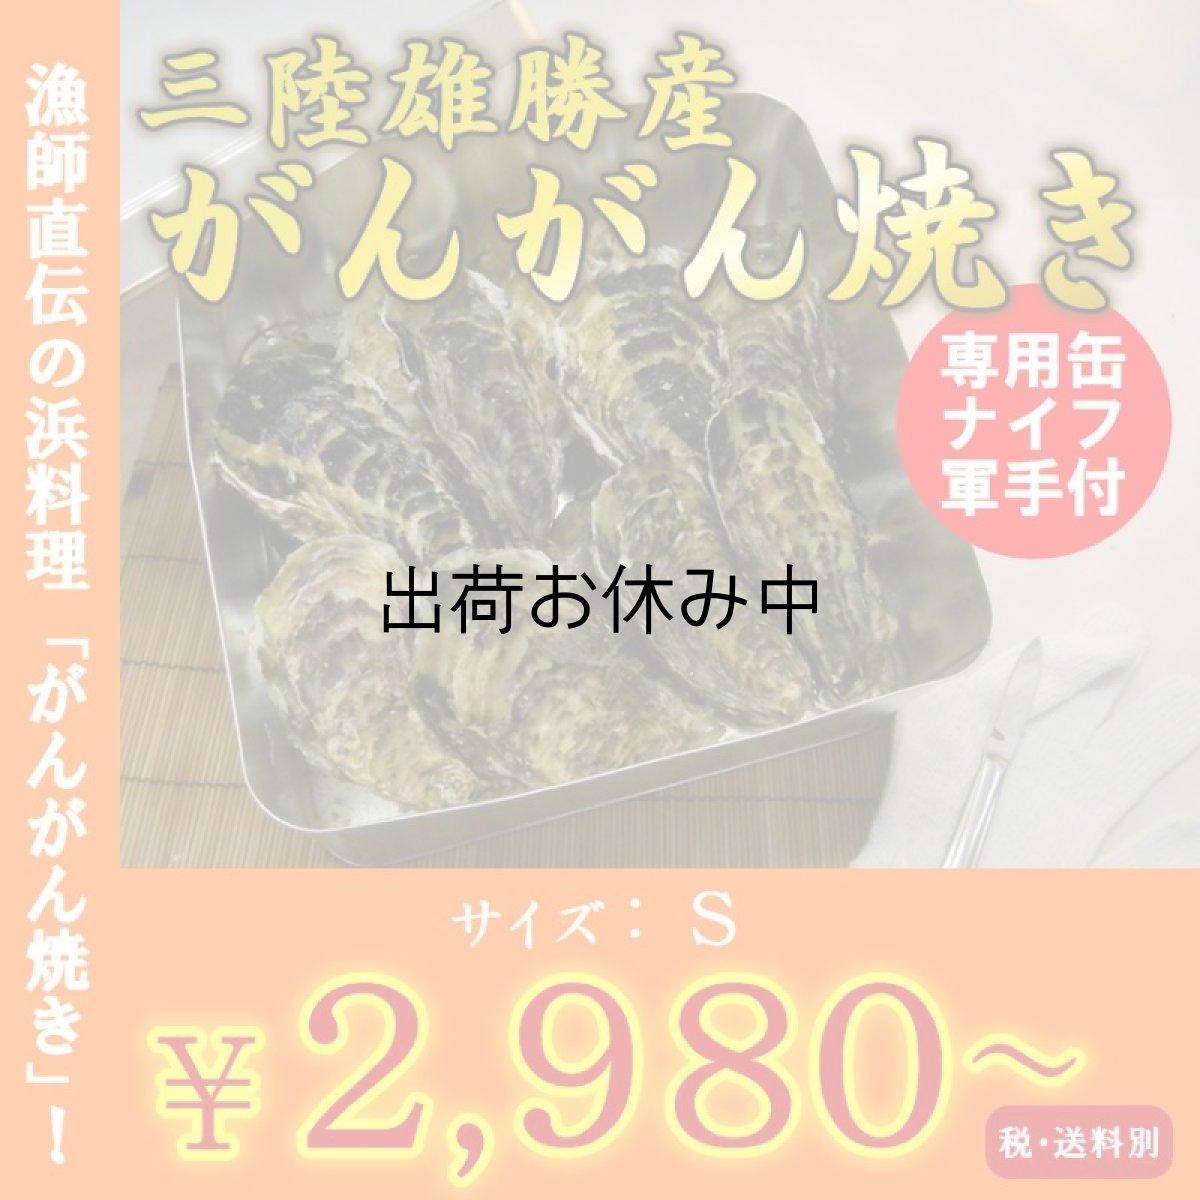 画像1: 三陸広田湾産 牡蠣のガンガン焼き (1)